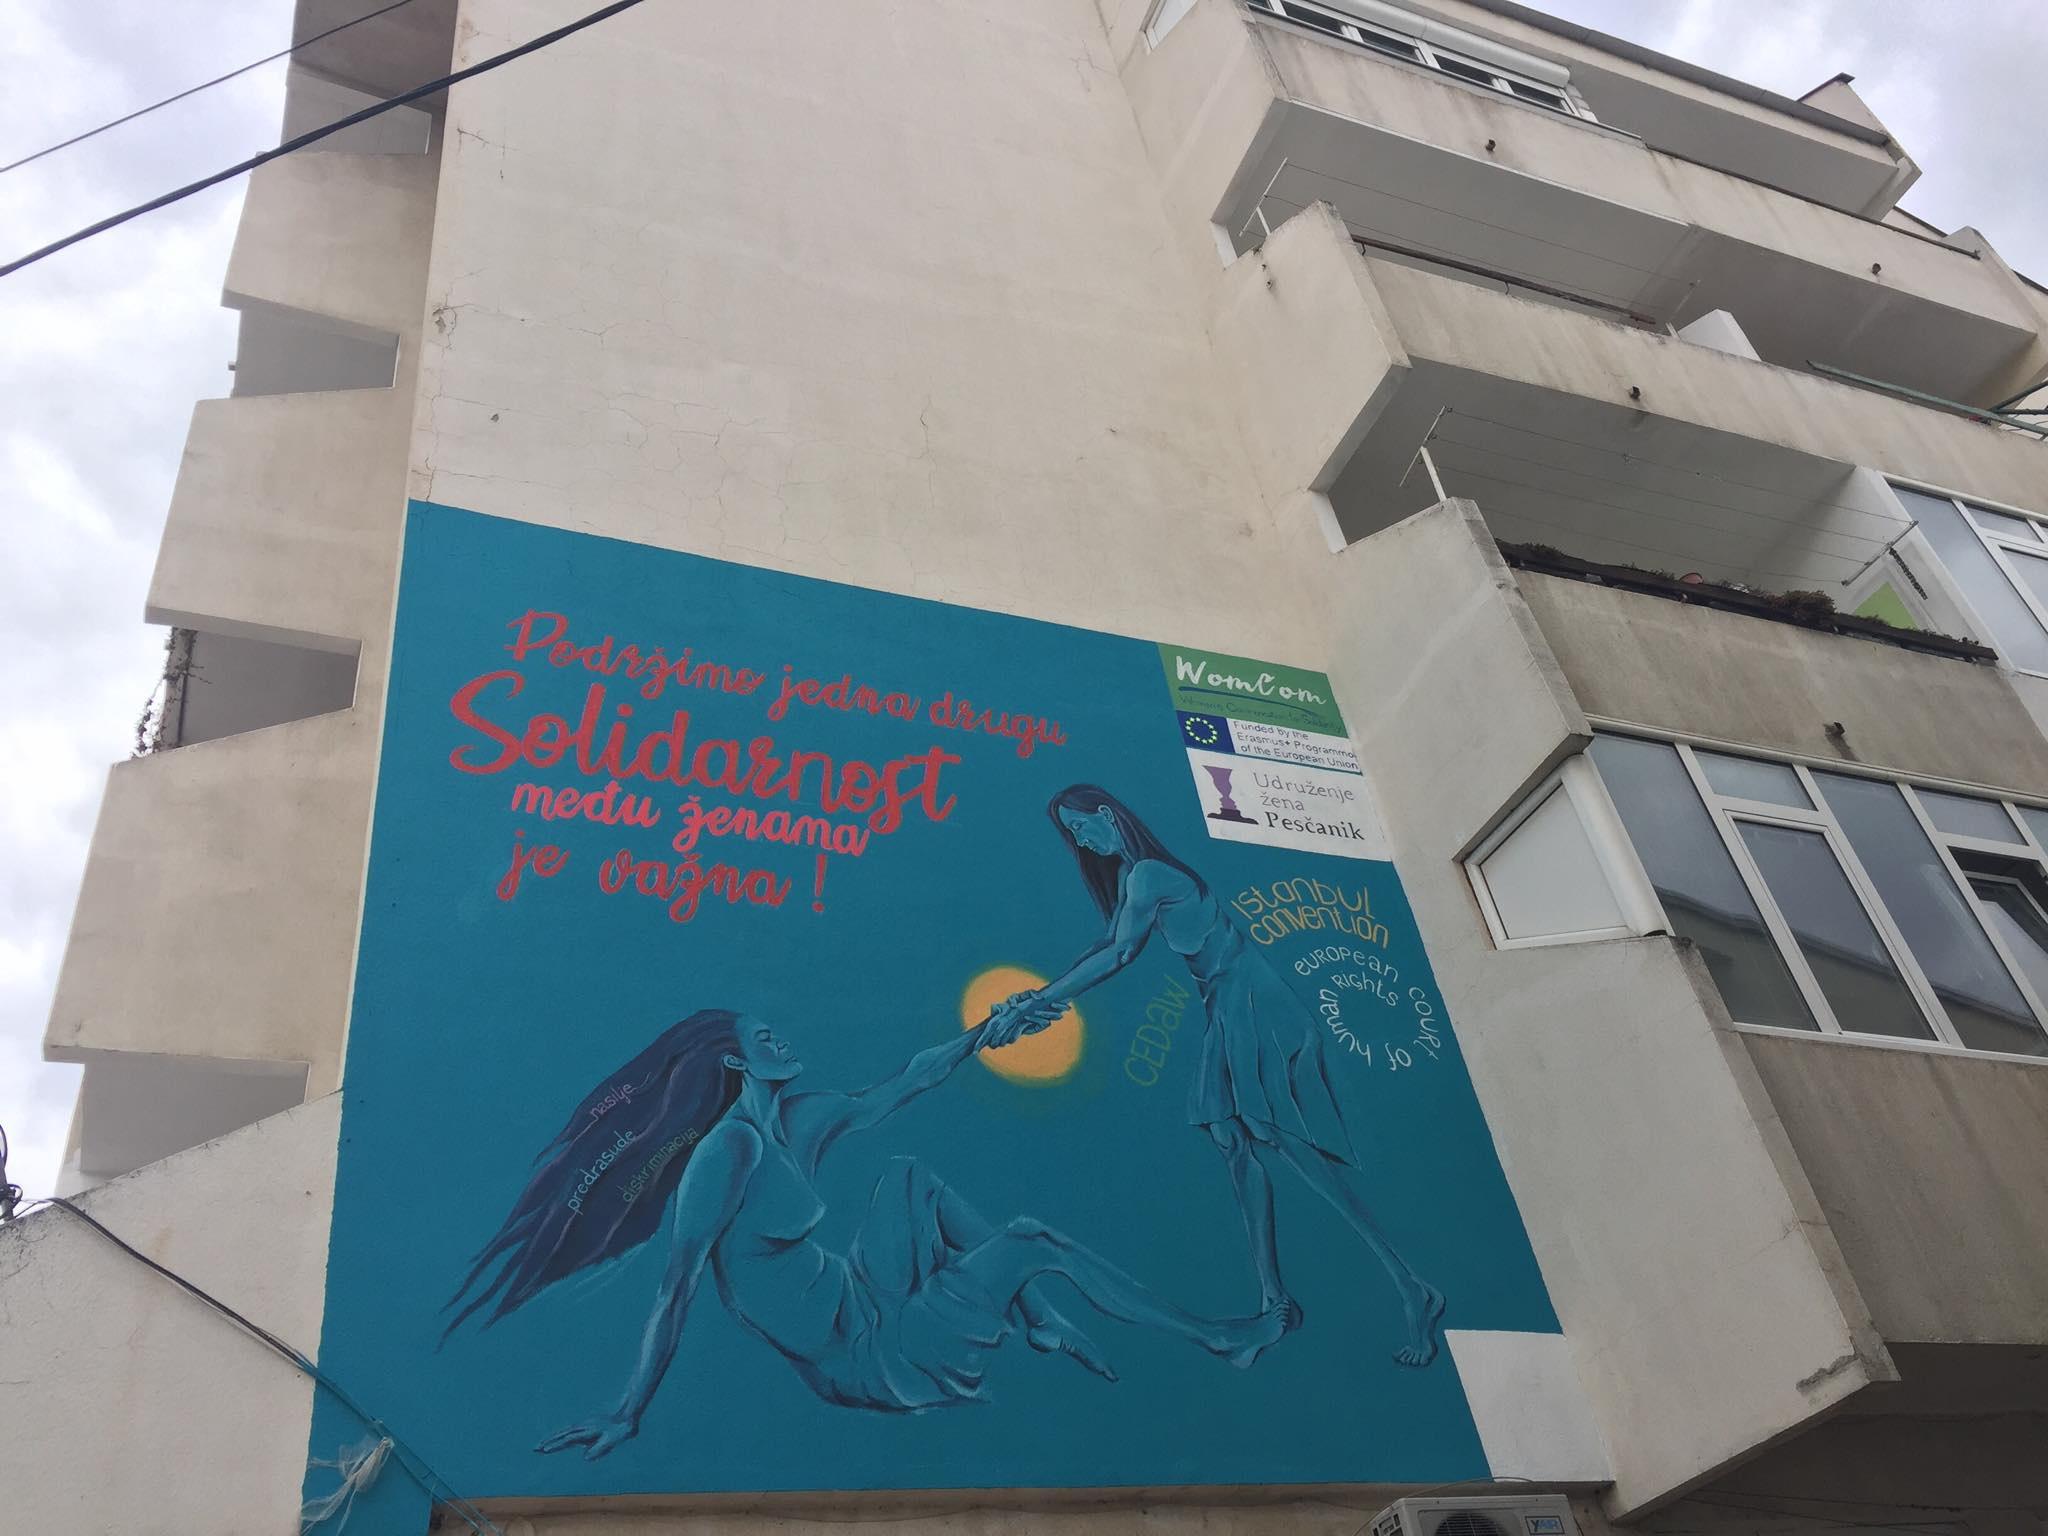 Udruzenje zena Pescanik - Solidarnost među ženama je važna